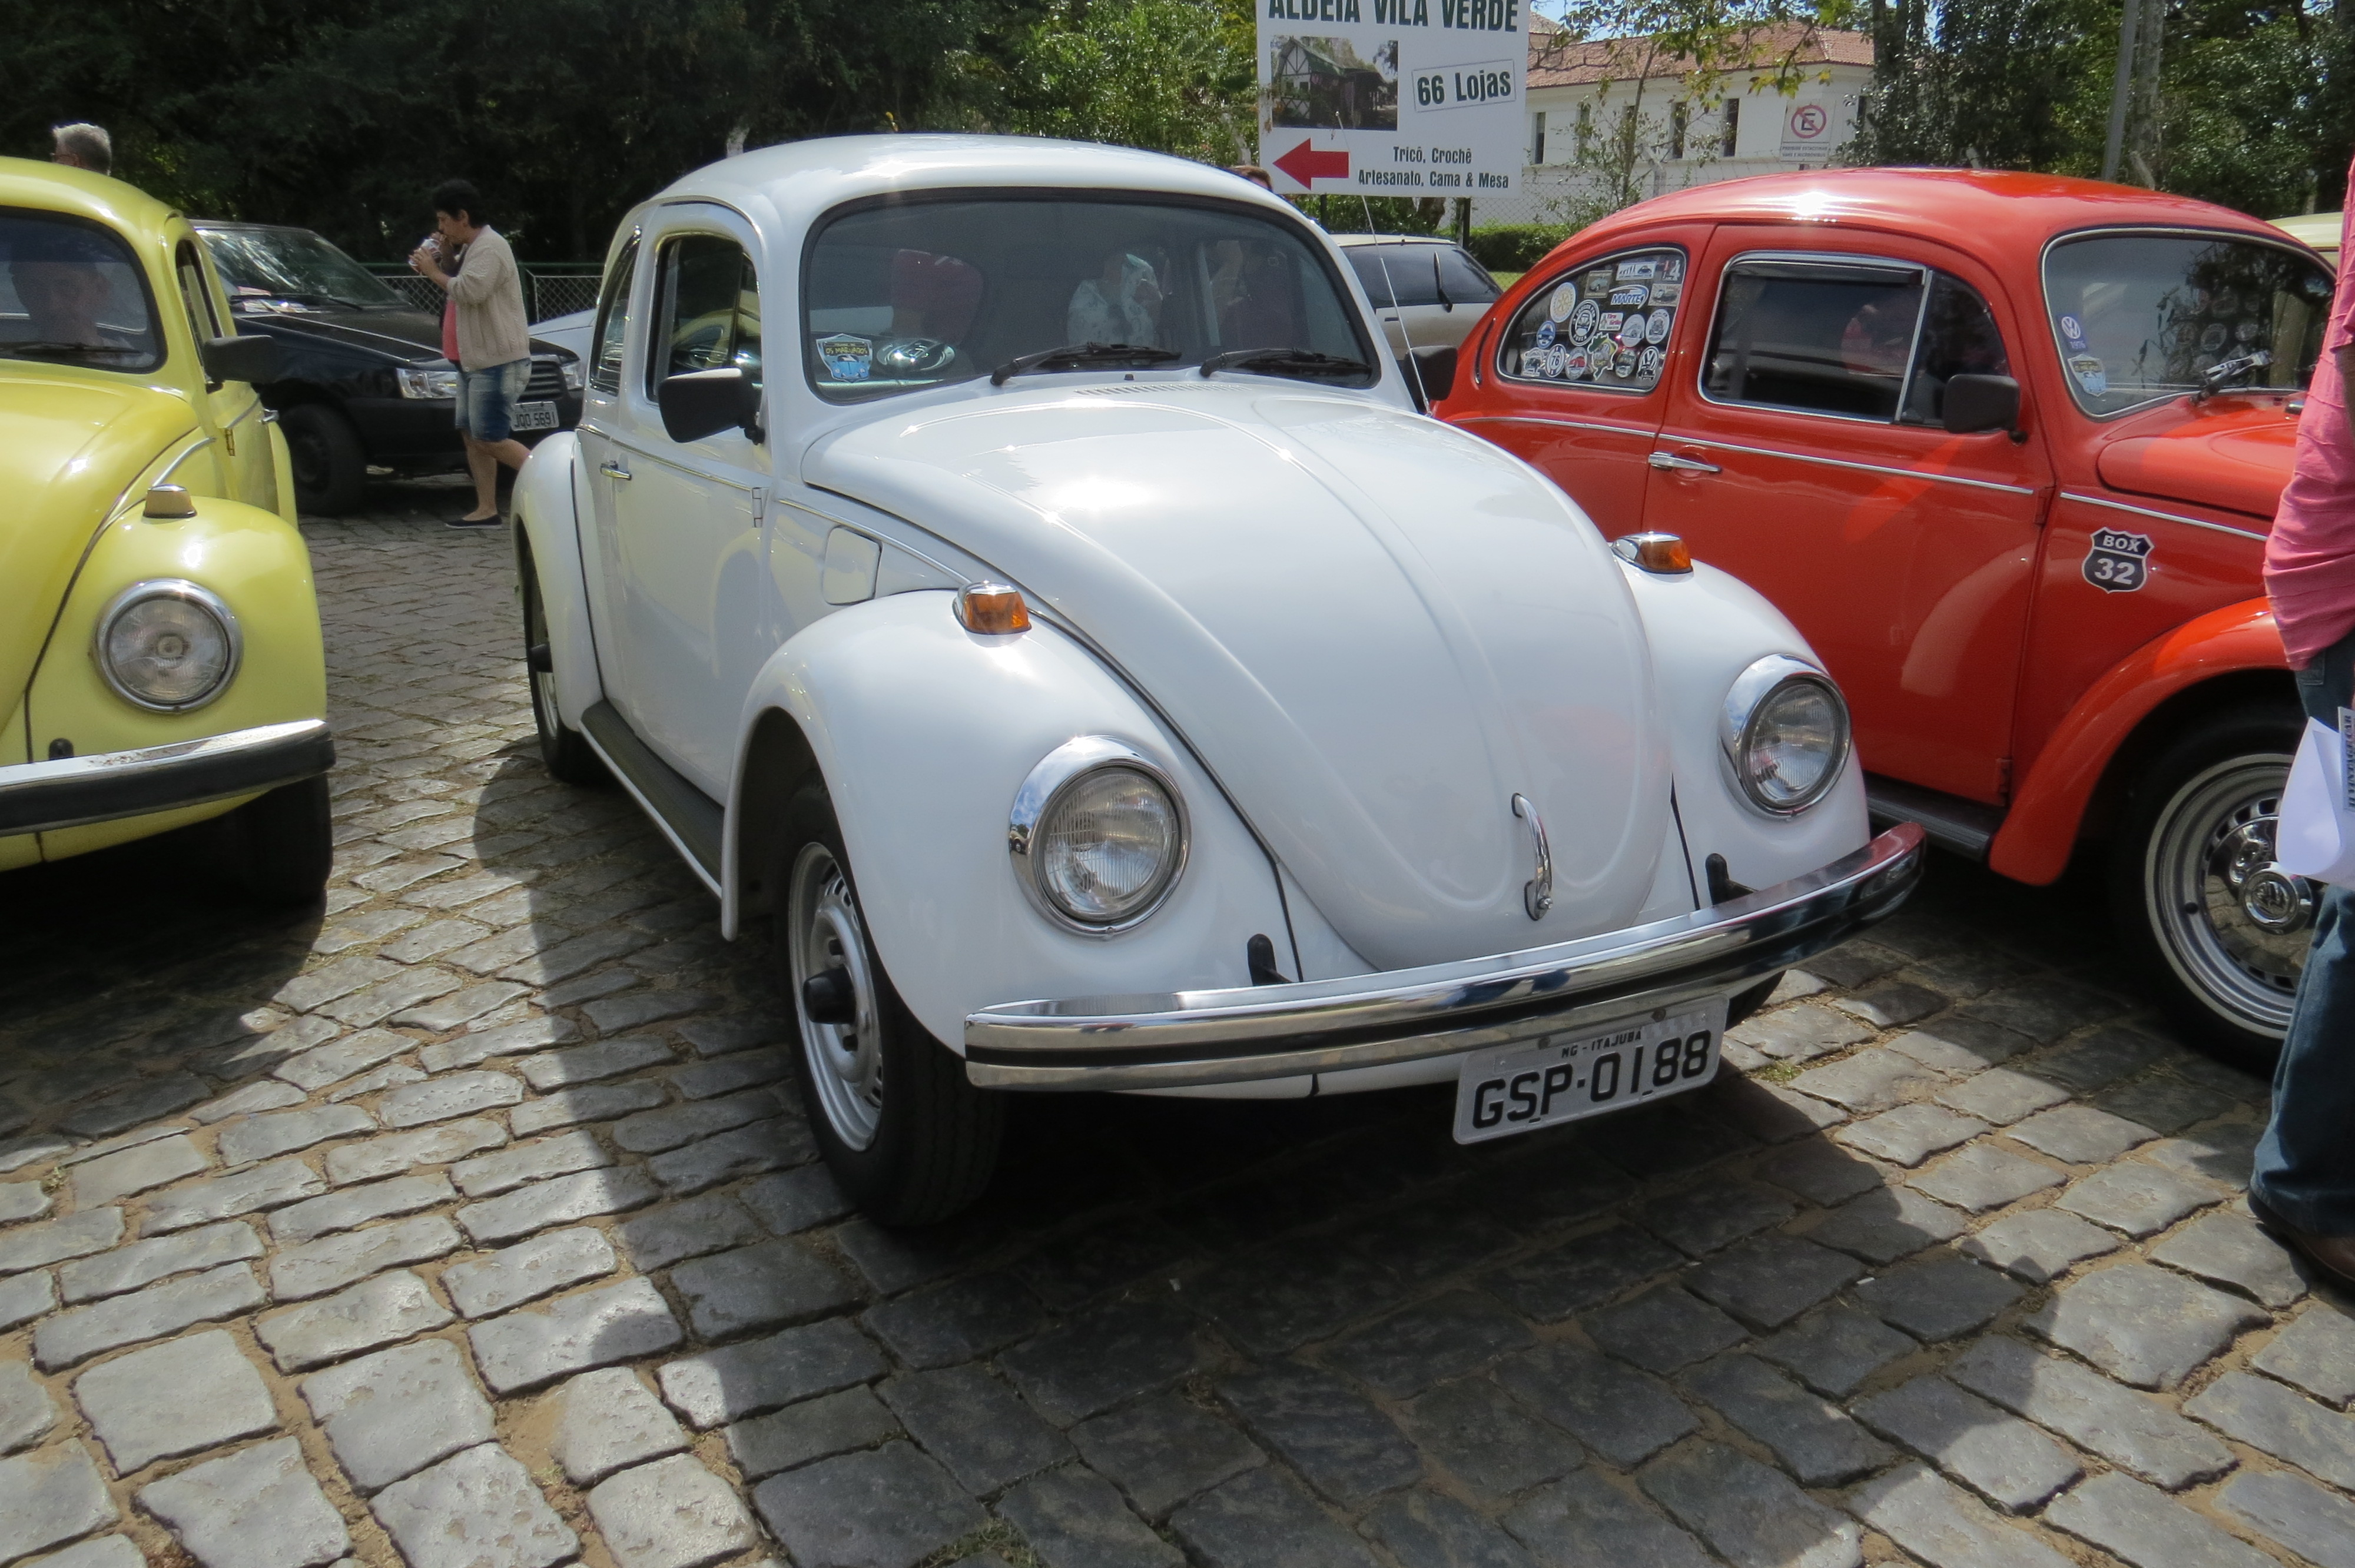 IMG 5116 - II VINTAGE CAR SÃO LOURENÇO